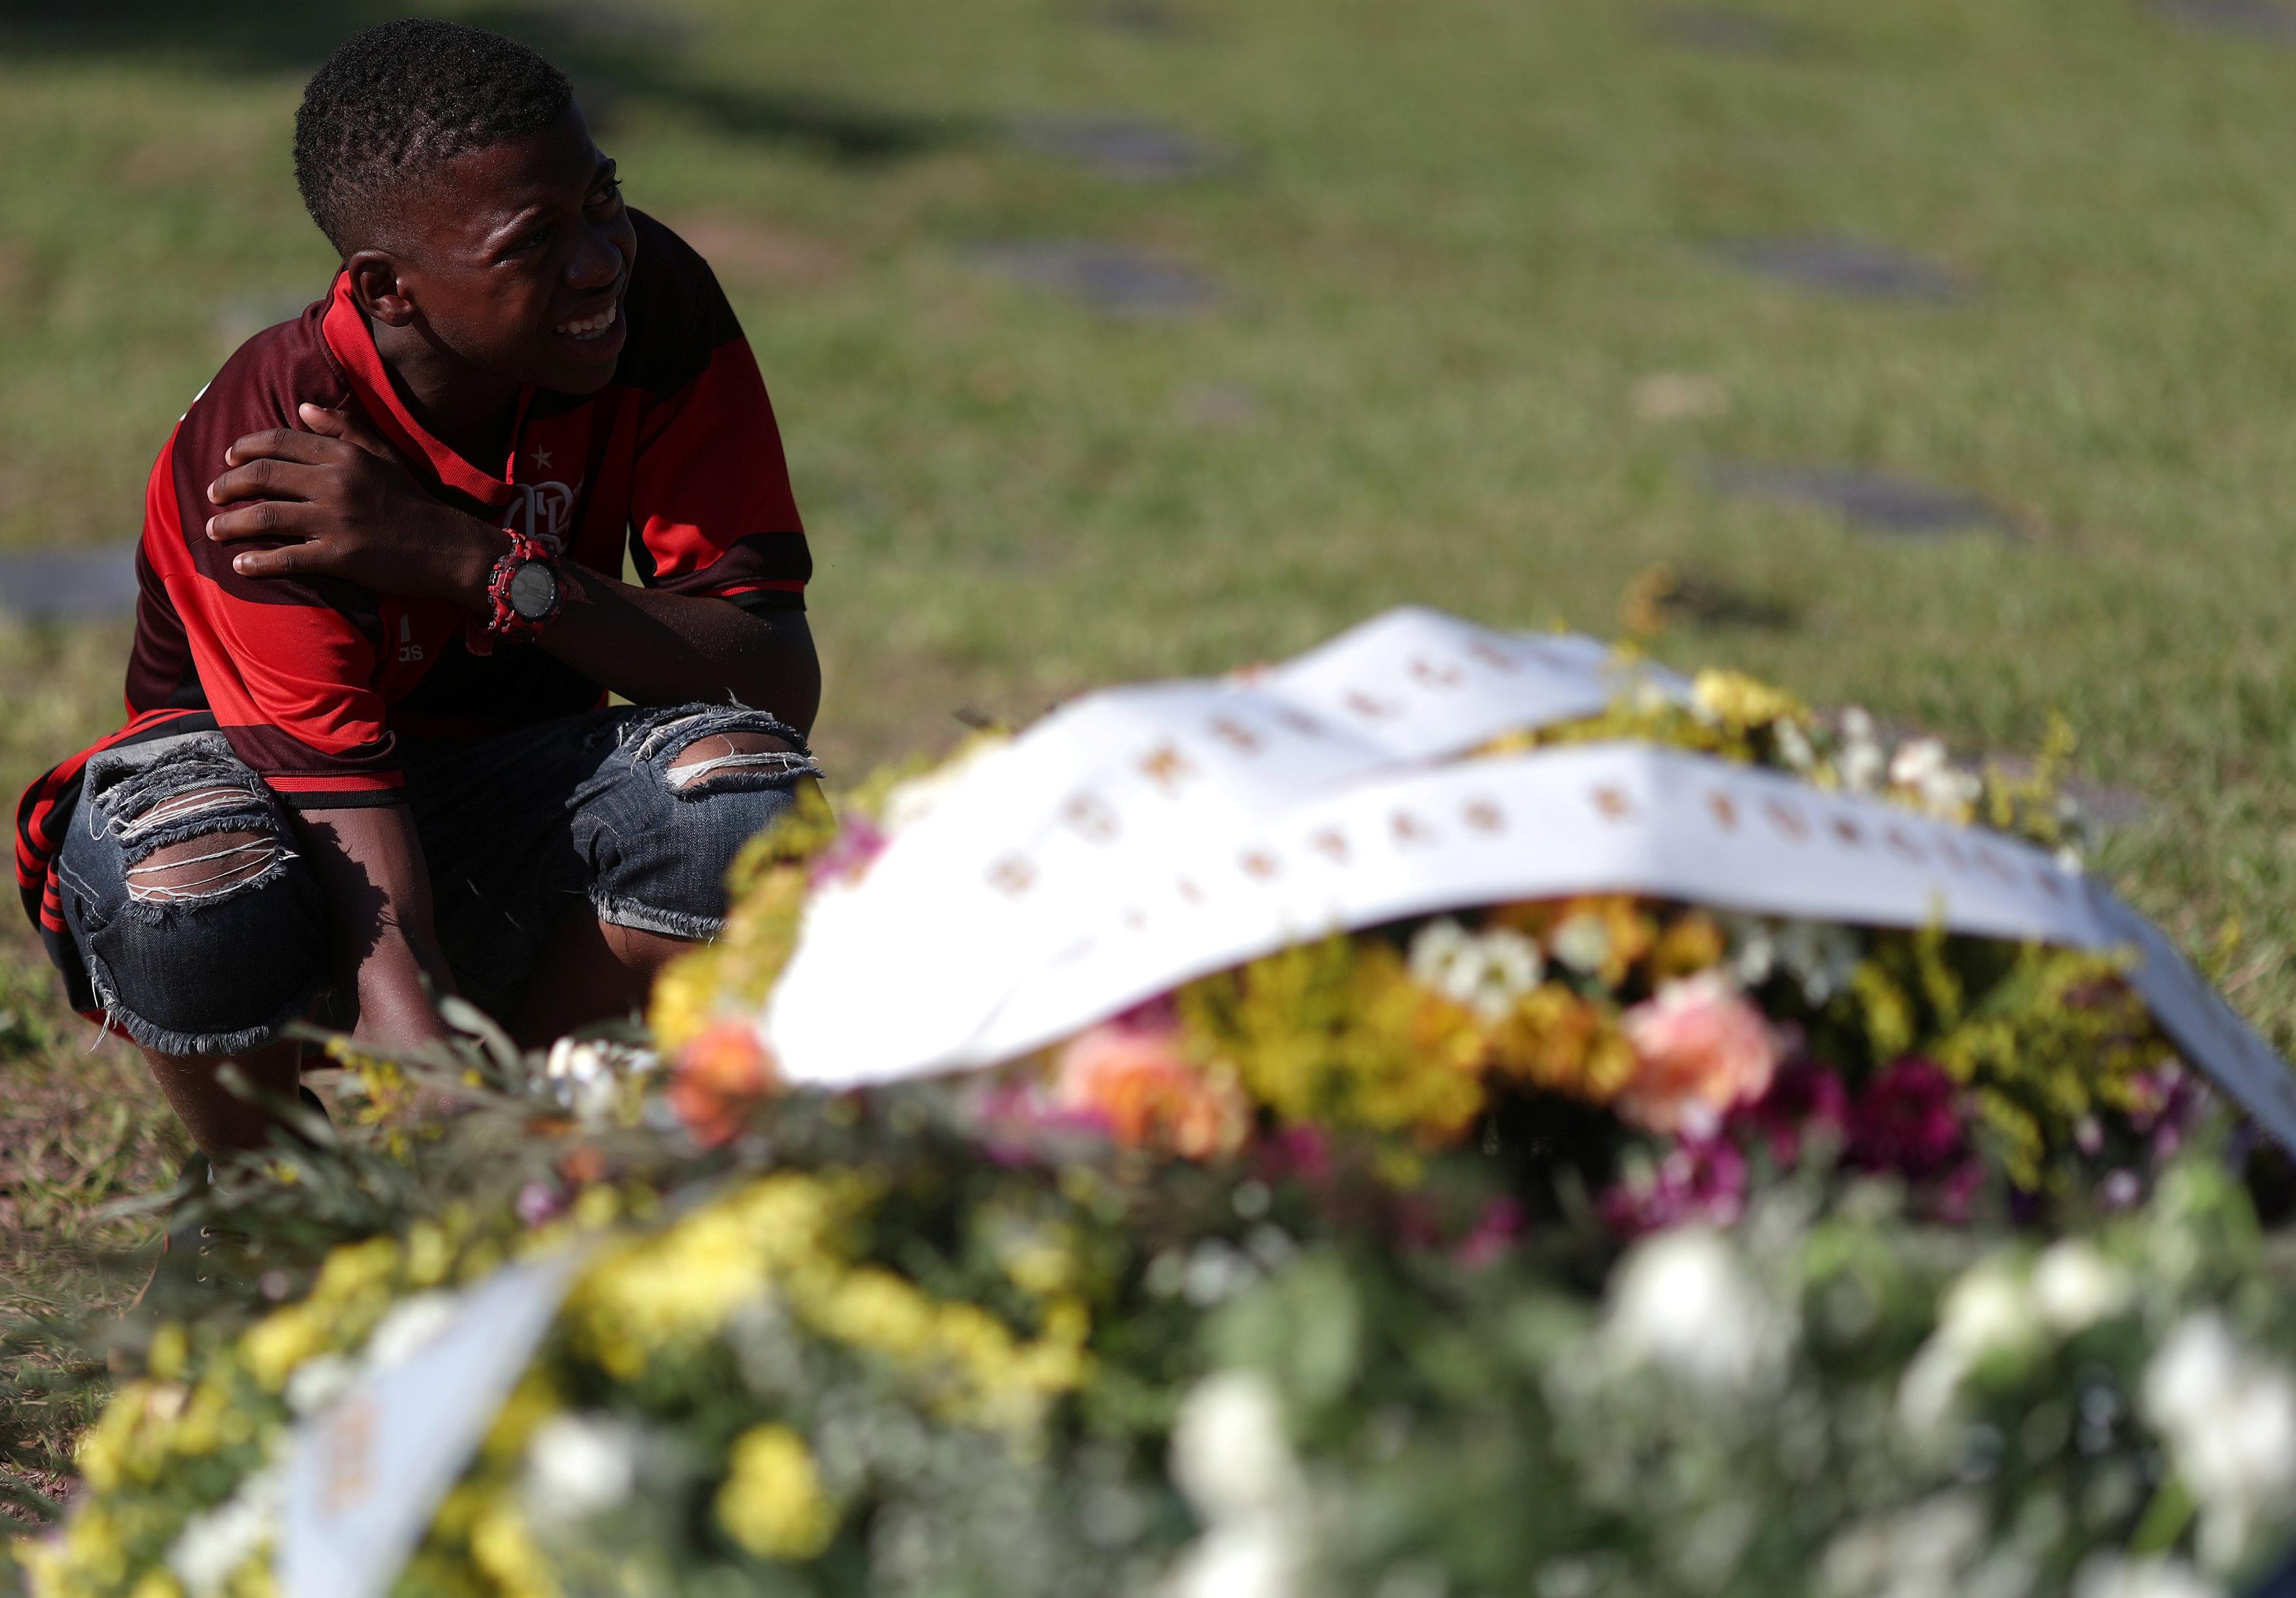 تشييع جثامين قتلى حريق مركز تدريب نادى فلامنجو البرازيلى (13)